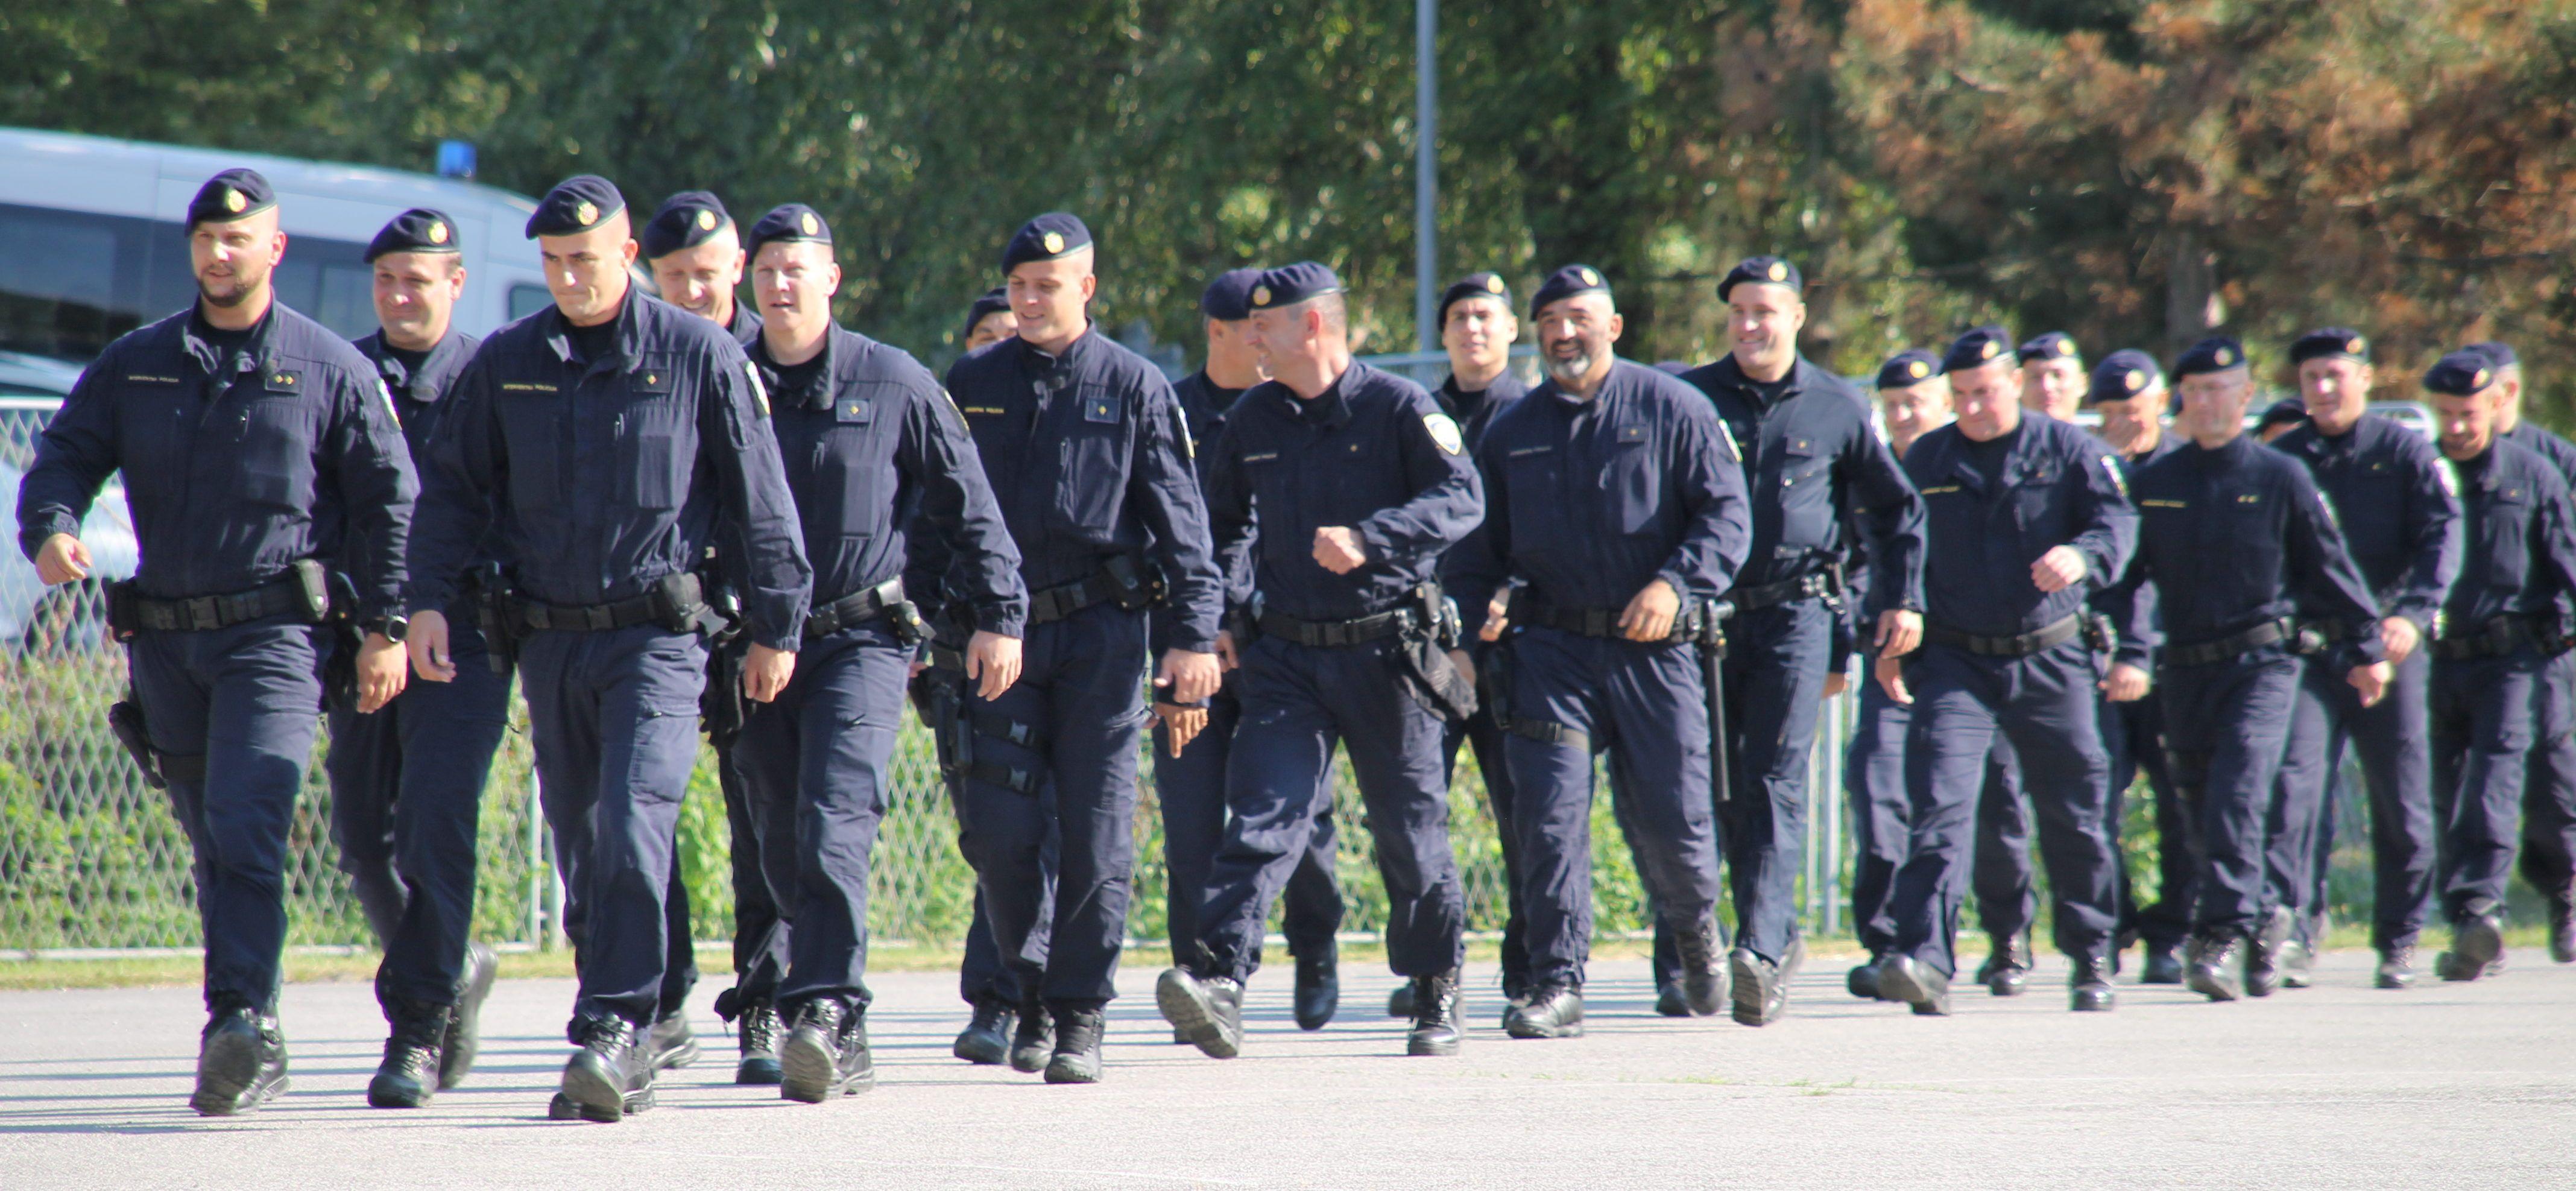 Prvi put nakon rata osniva se pričuvna policija